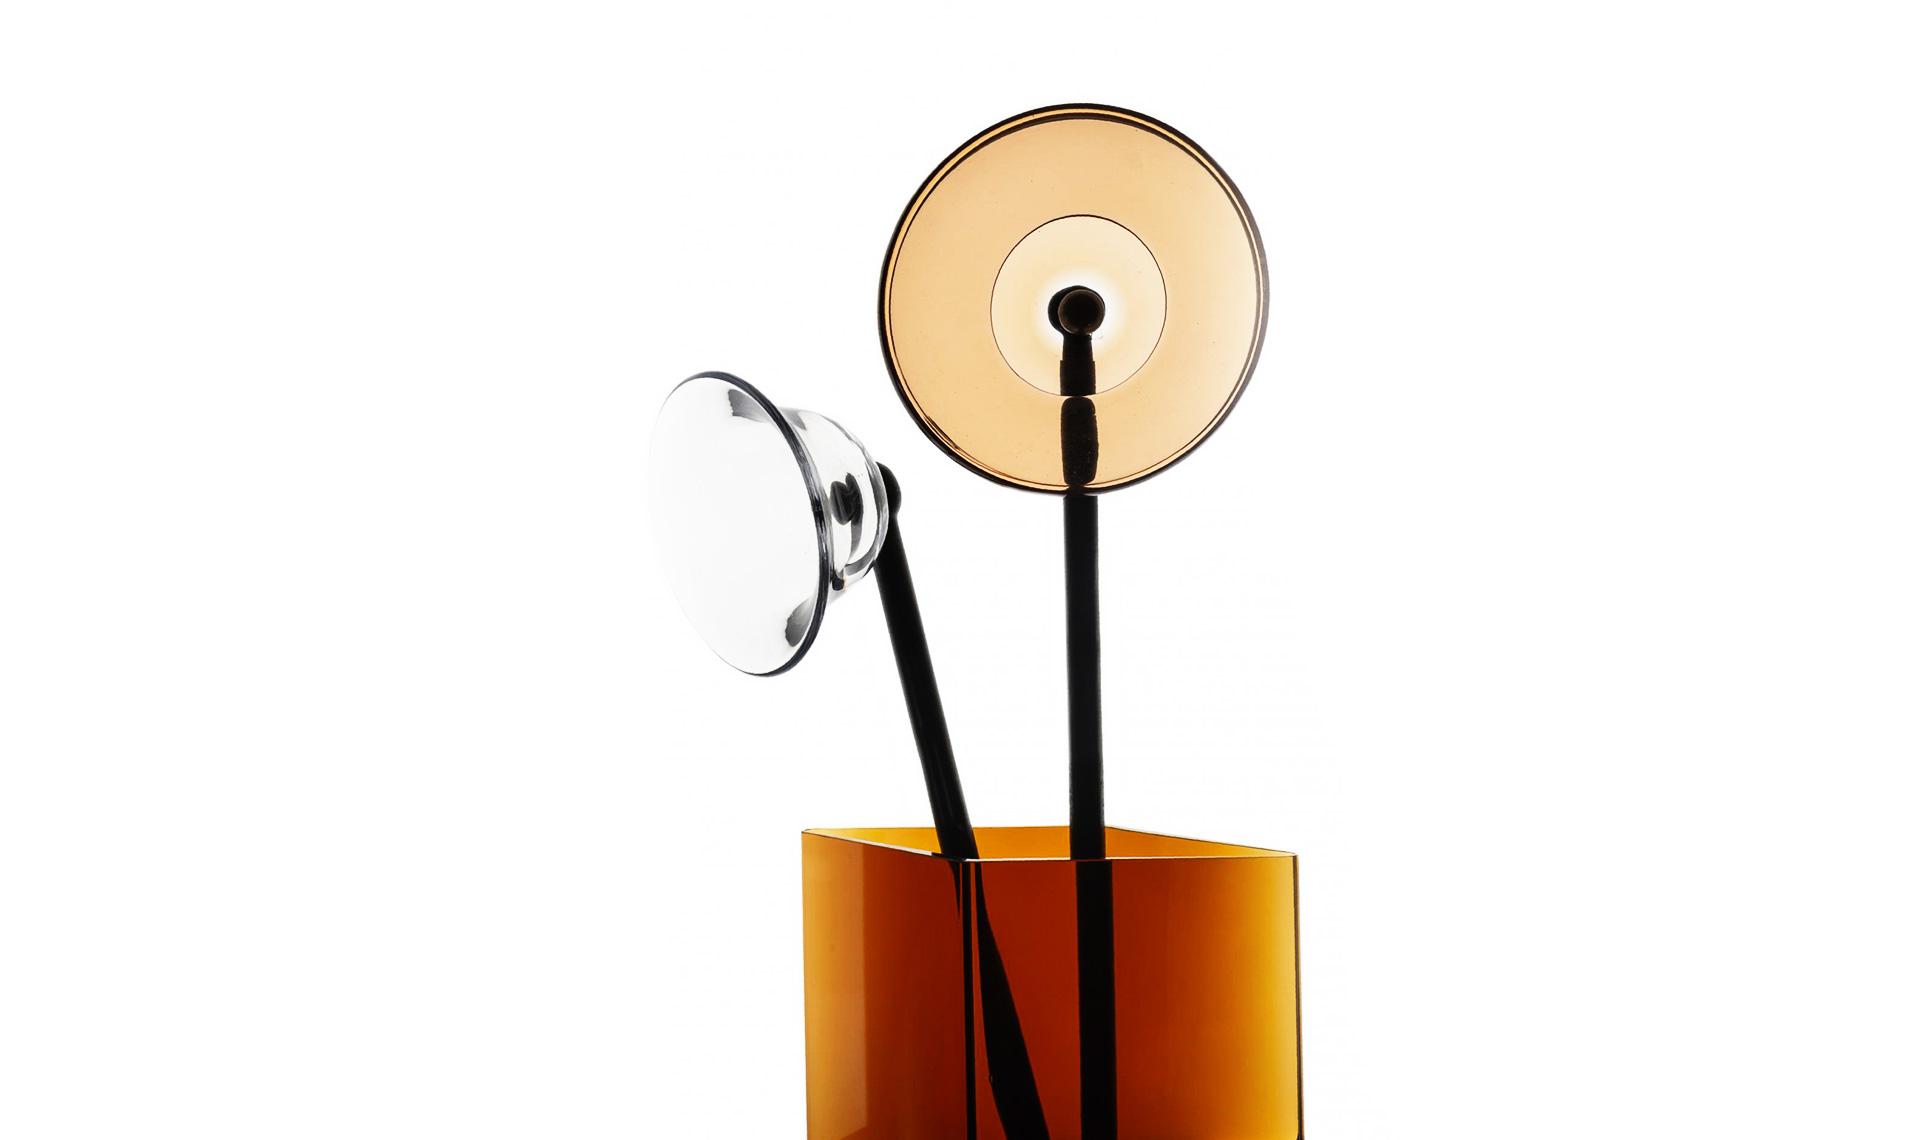 Ронан и Эрван Буруллек: несовершенные вазы для Iittala